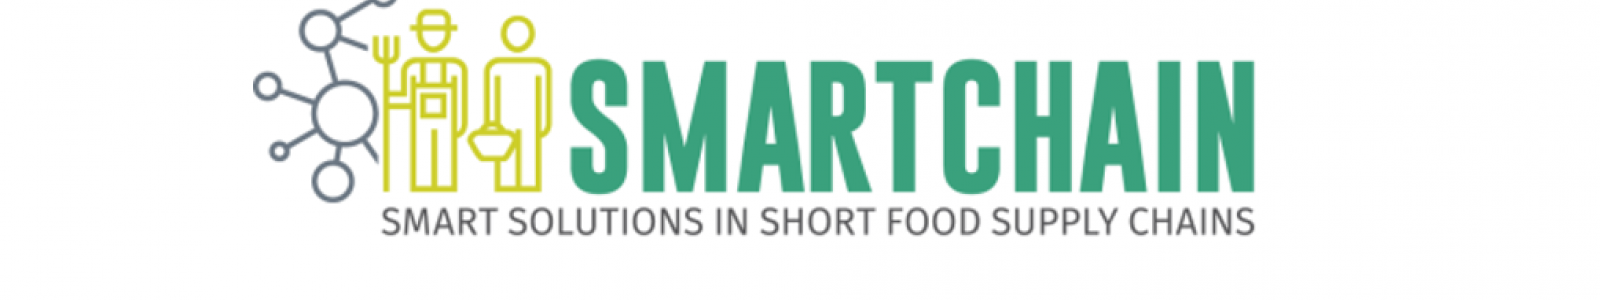 smartchain logo